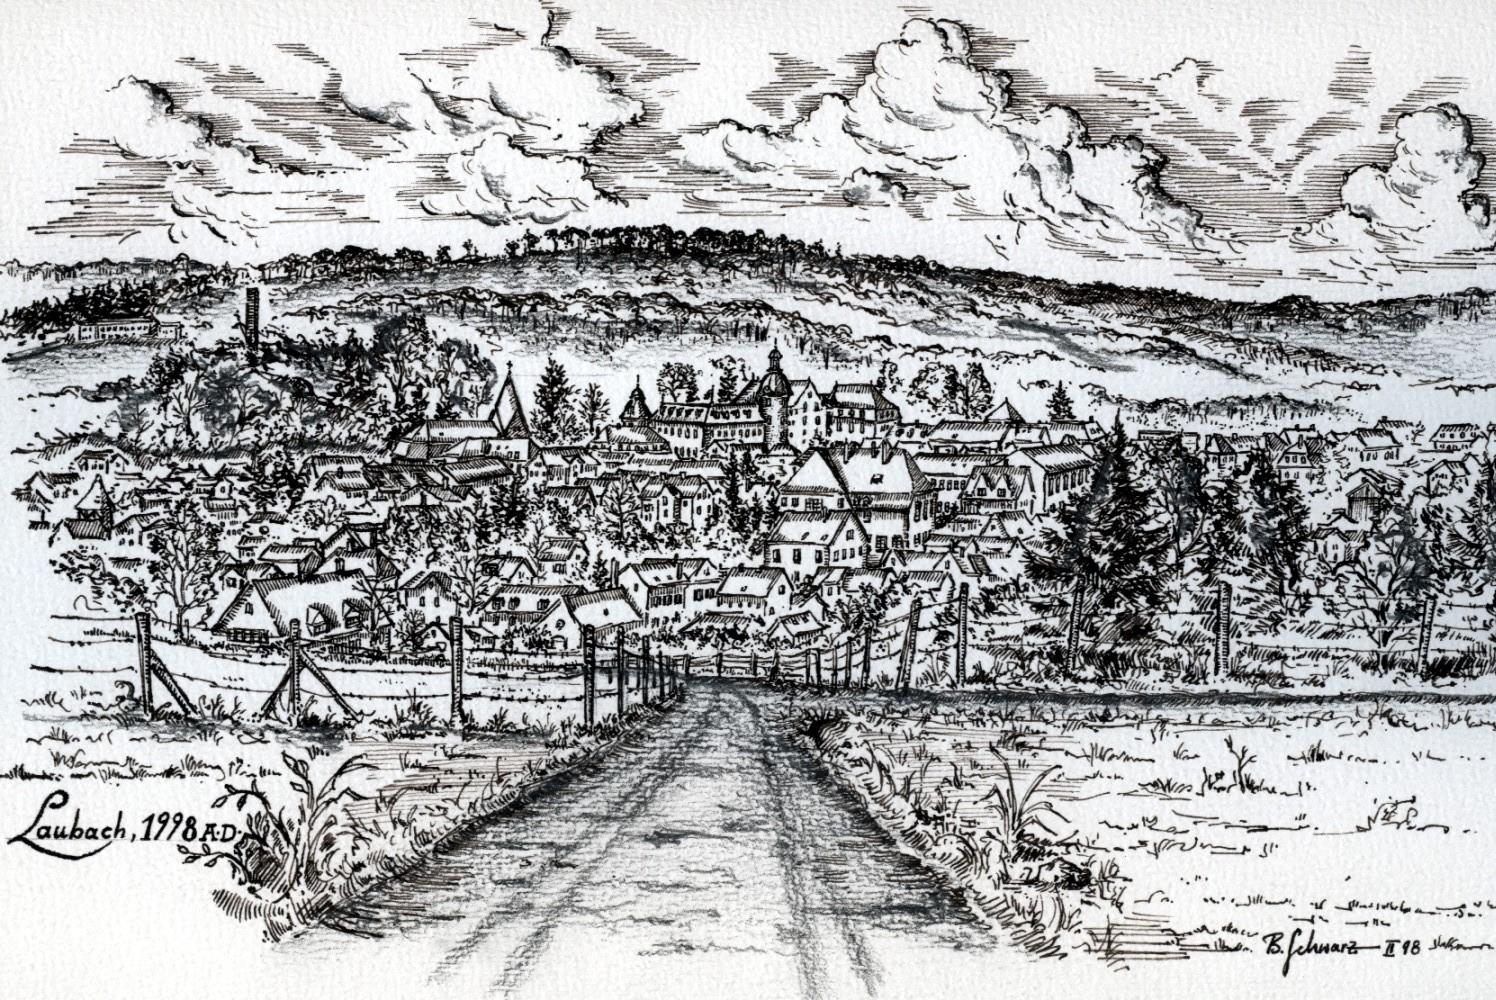 Laubach A.D. 1998 vom Panoramaweg aus gezeichnet - Tusche, Bleistift